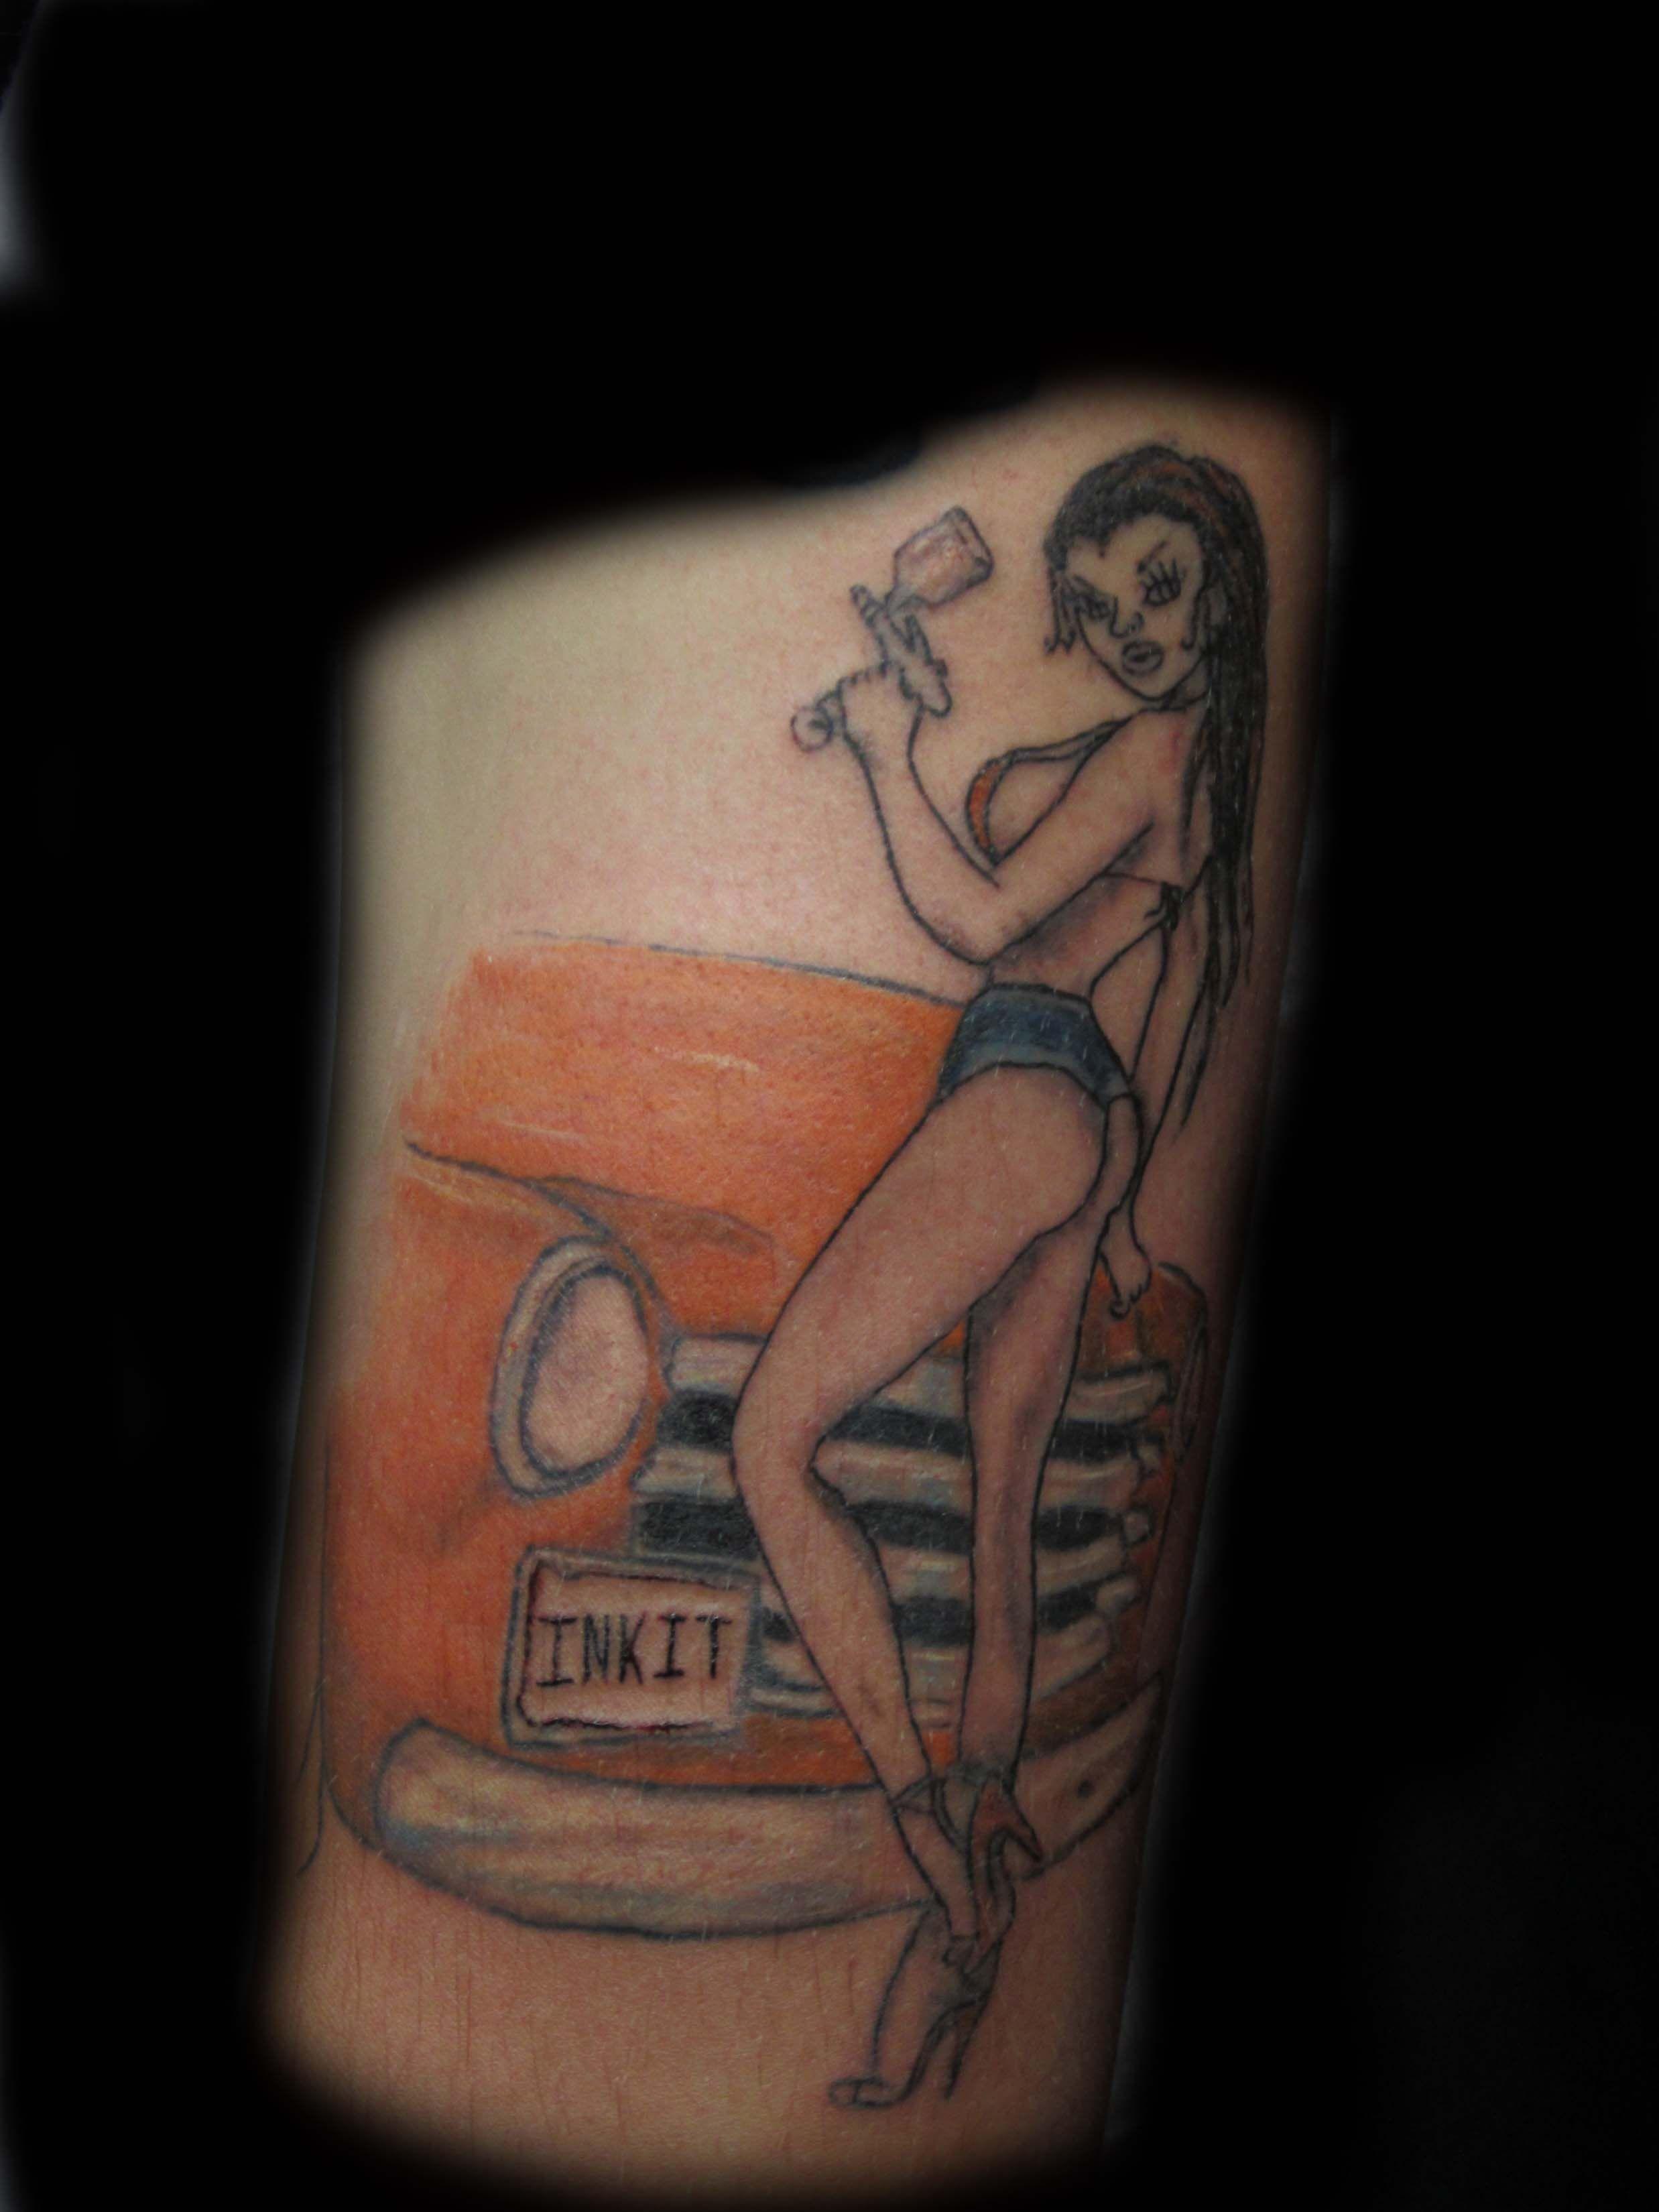 Tattoo old school tatuaggi old school pin up significato e foto quotes - Pin Up Tattoo Girl Tattoo Auto Body Tattoo Truck Tattoo Arm Tattoo